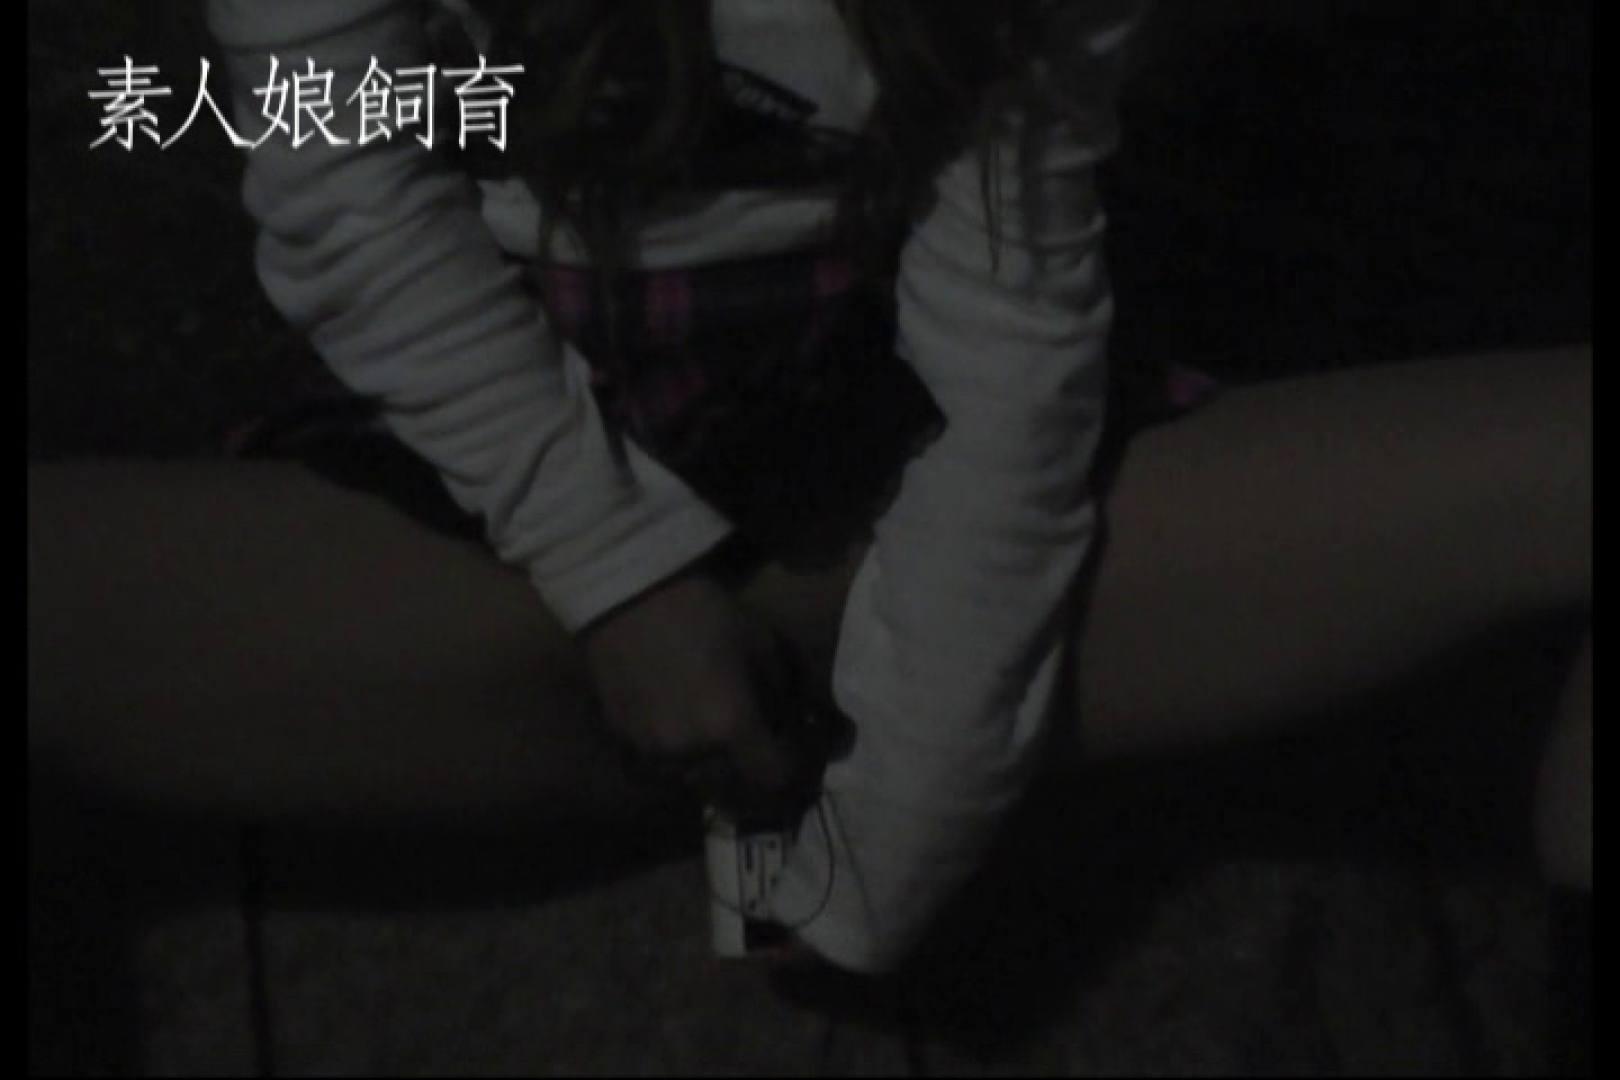 素人娘飼育~お前の餌は他人棒~公園でバイブとお漏らし 野外 セックス画像 71pic 3